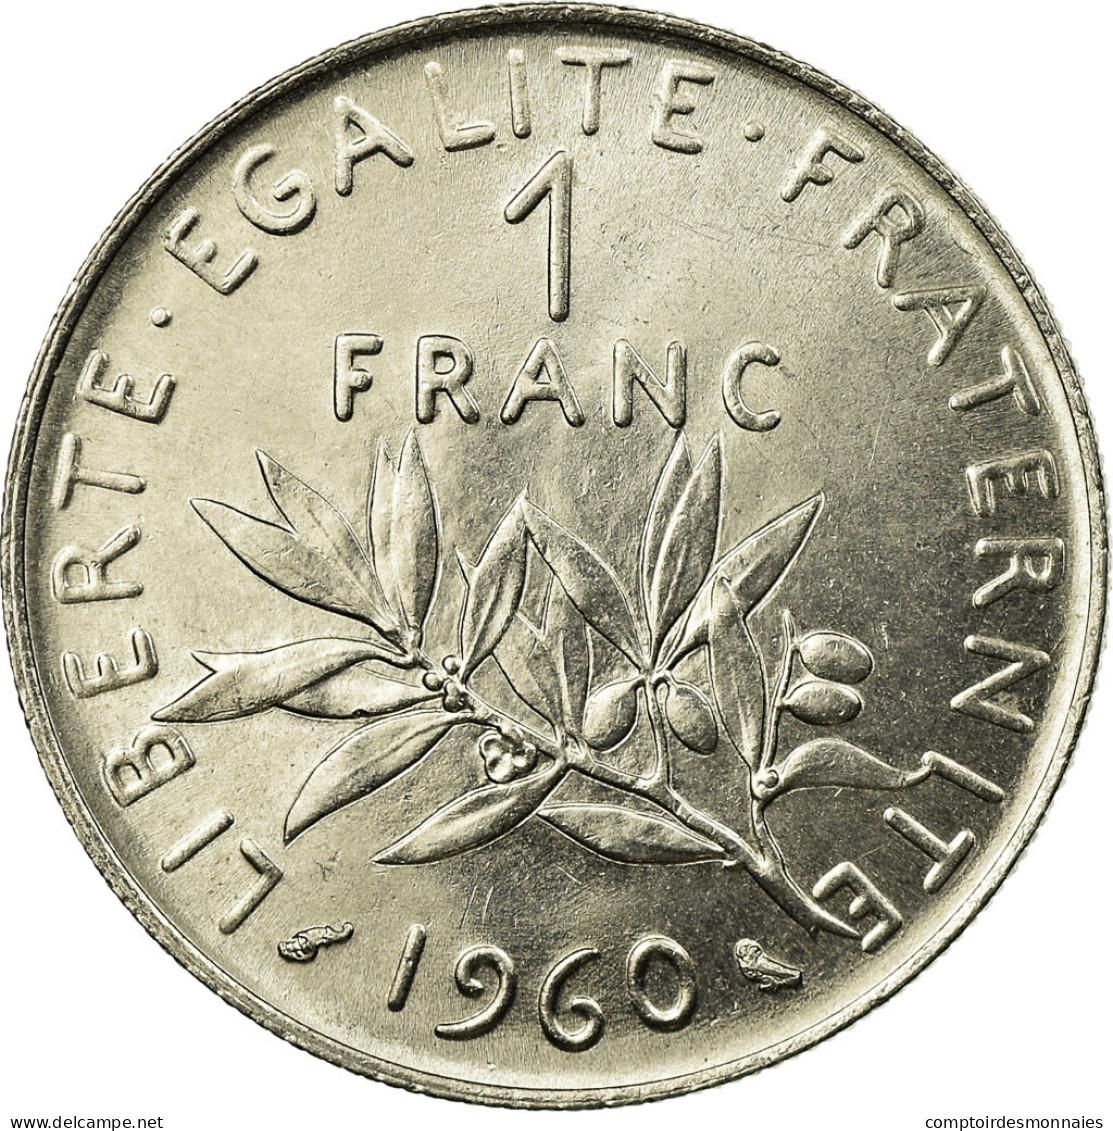 1975-1985 1 Franc France Km# 925.1 Random Date 1 Coin //Bid High Grade AU